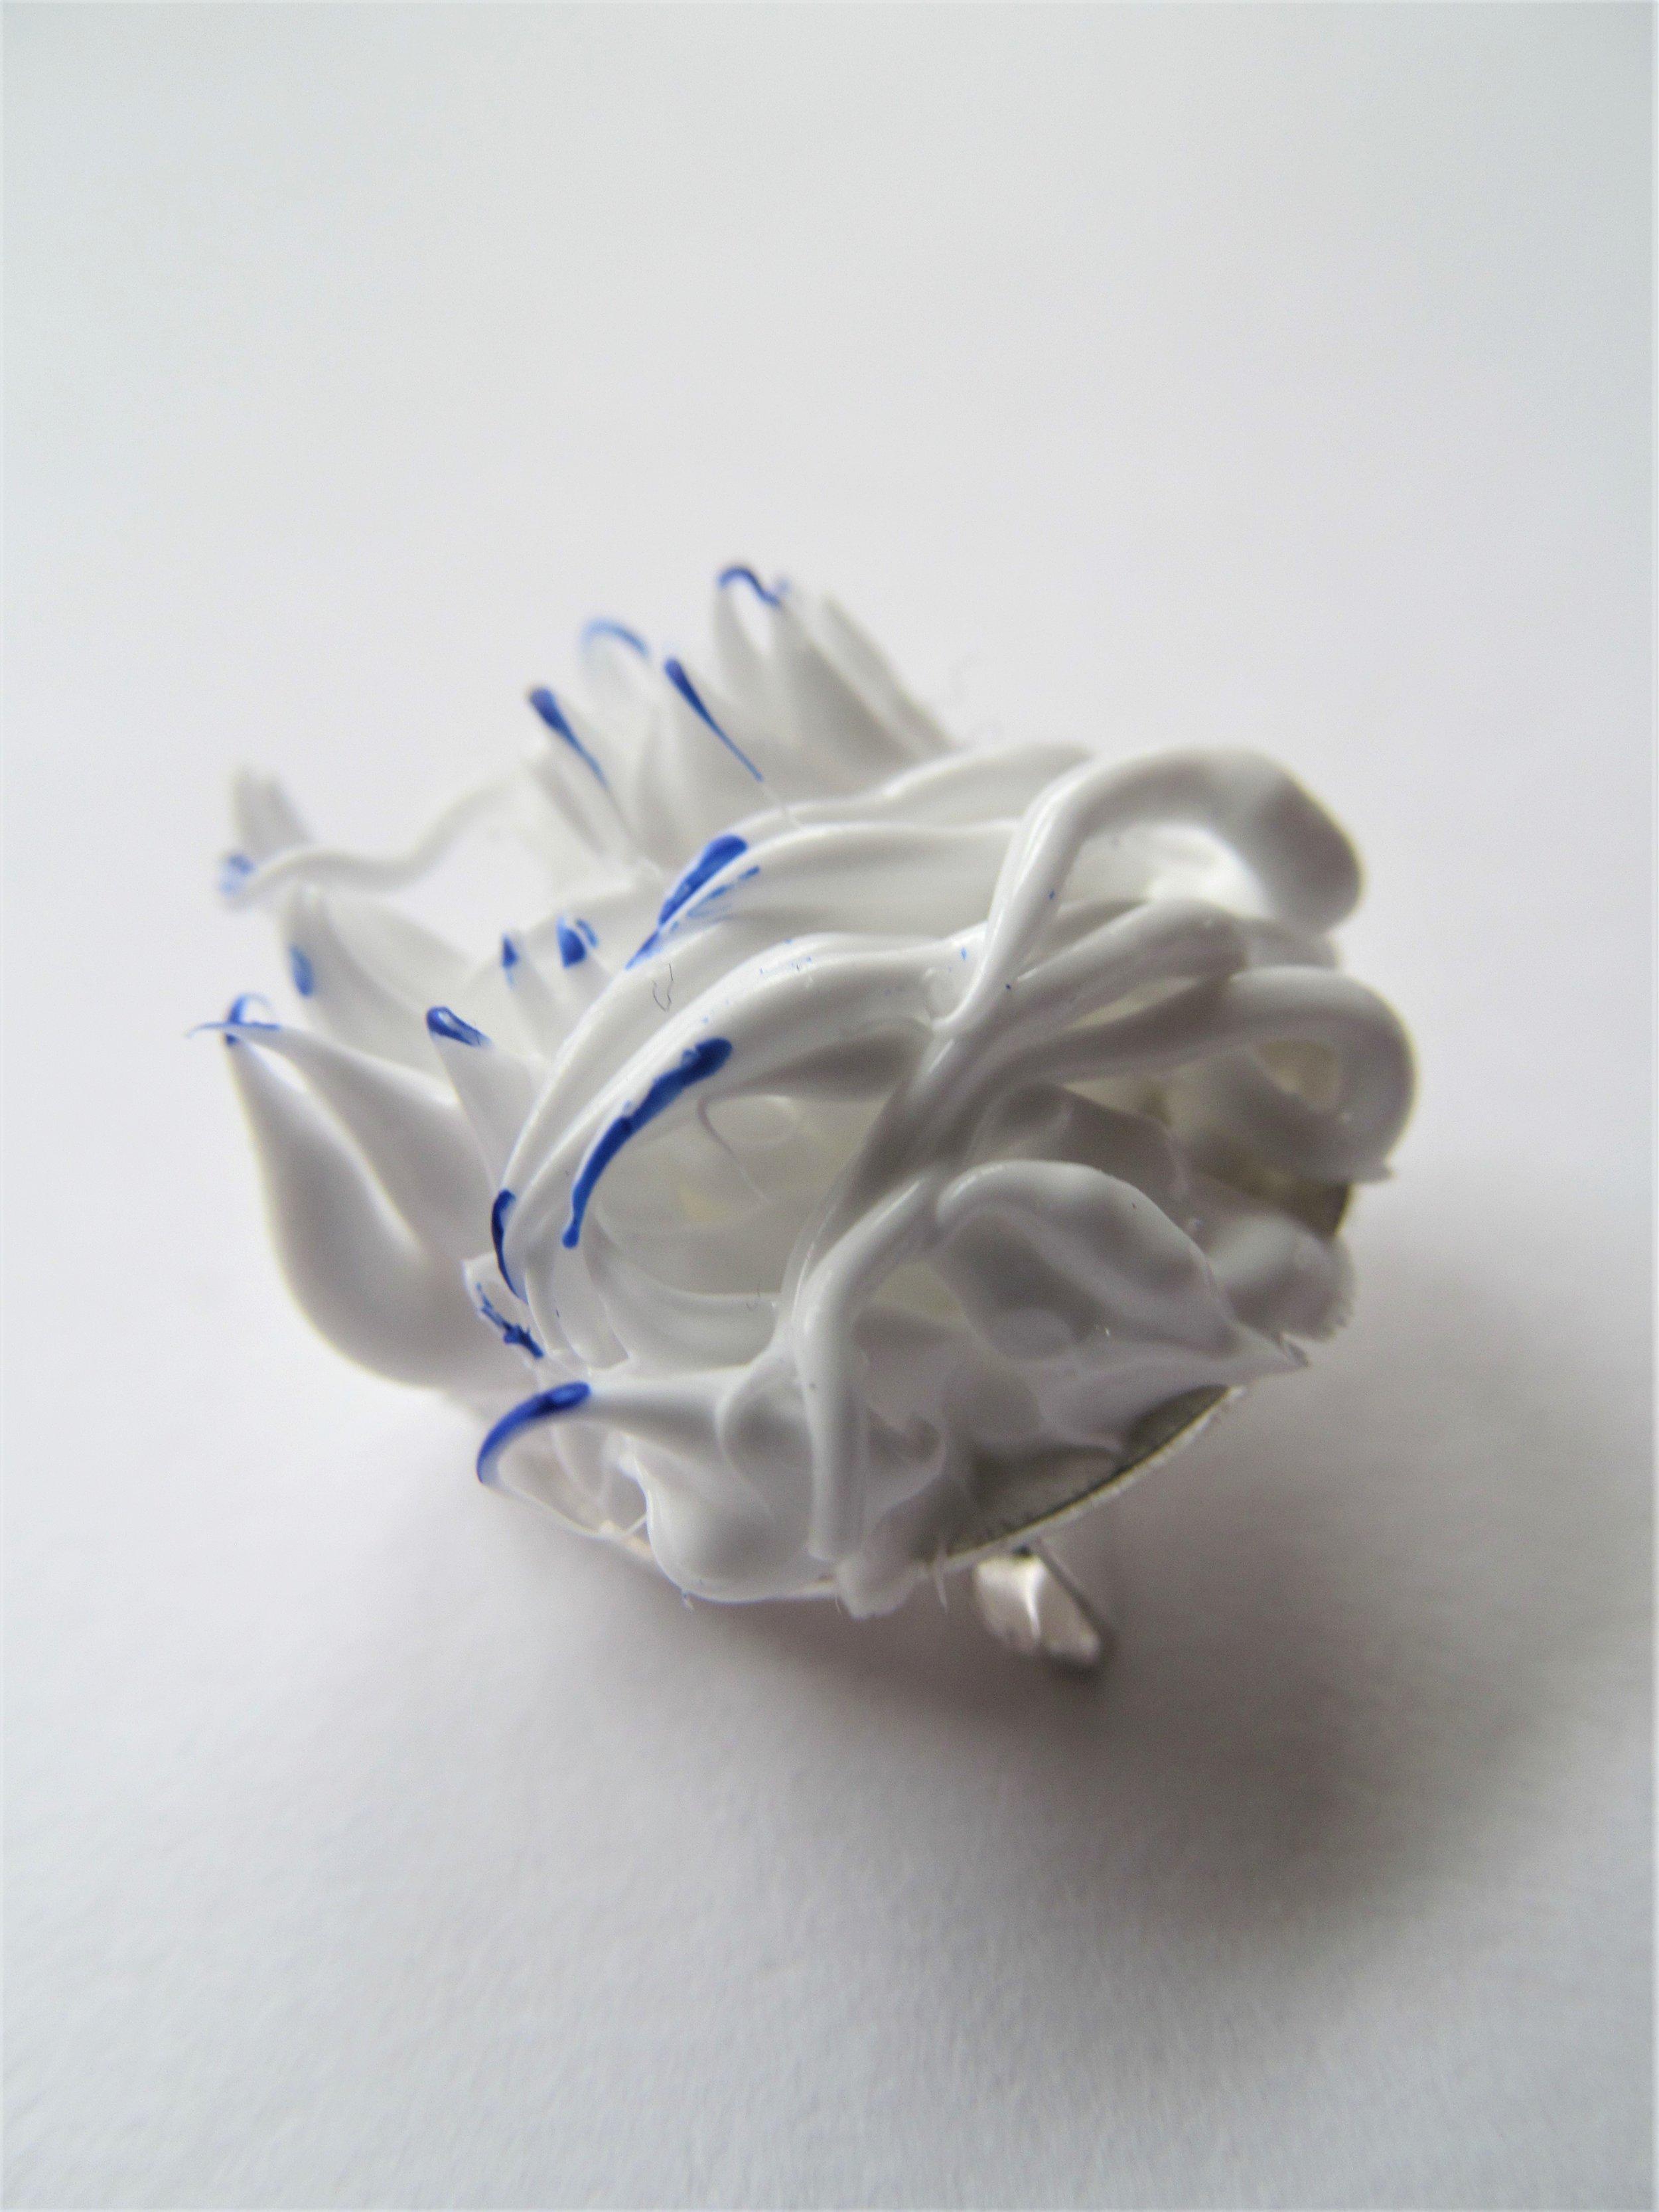 tentacle pin.JPG